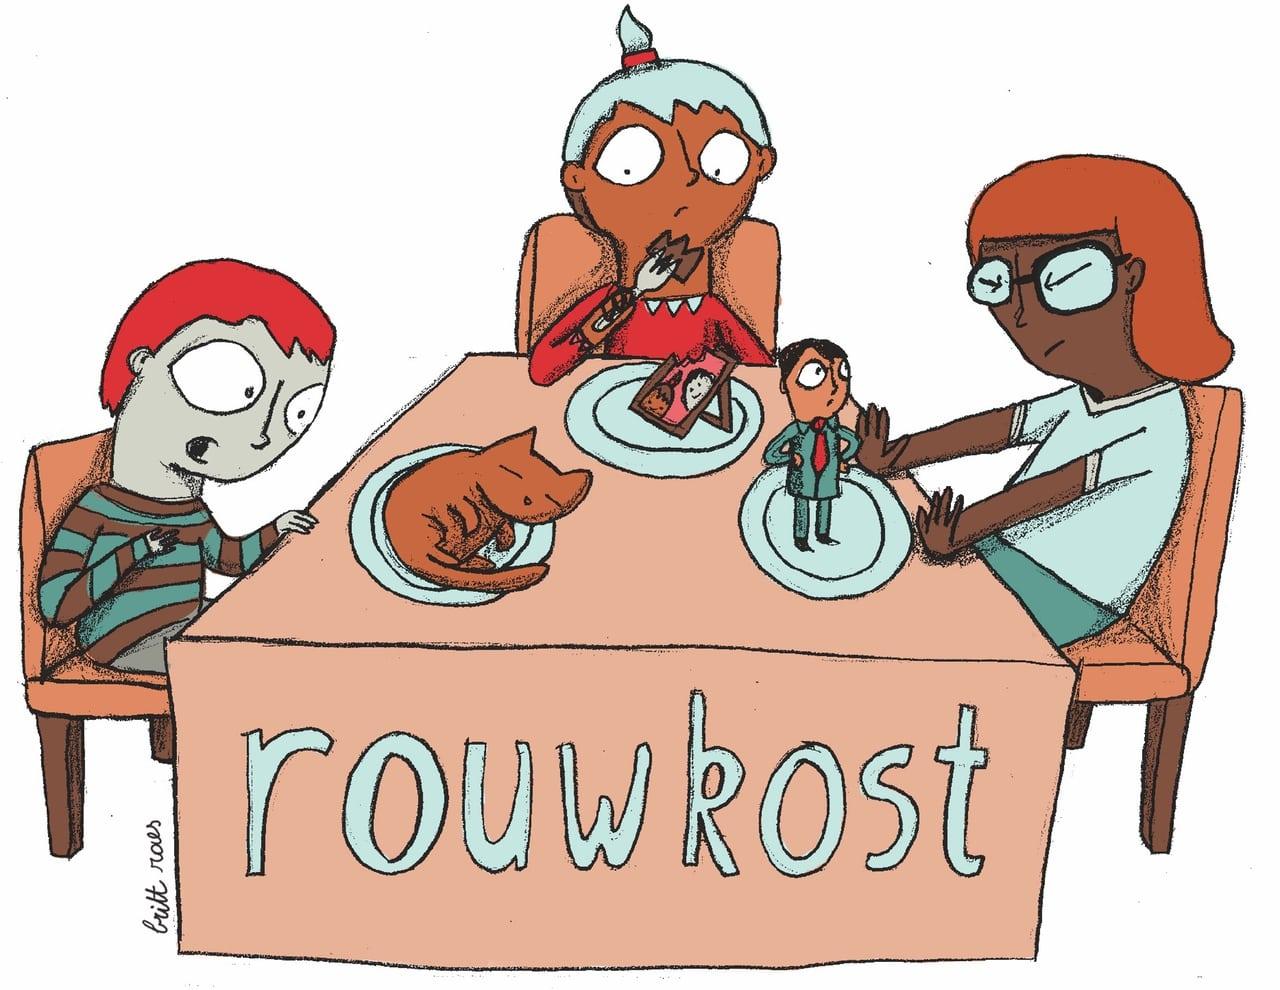 Illustratie door Britt Raes waarin de woordspeling van Rouwkost uitgebeeld wordt. Drie mensen verteren hun verlies, op hun bord zie je een afbeelding van de persoon of het dier waar ze om rouwen.